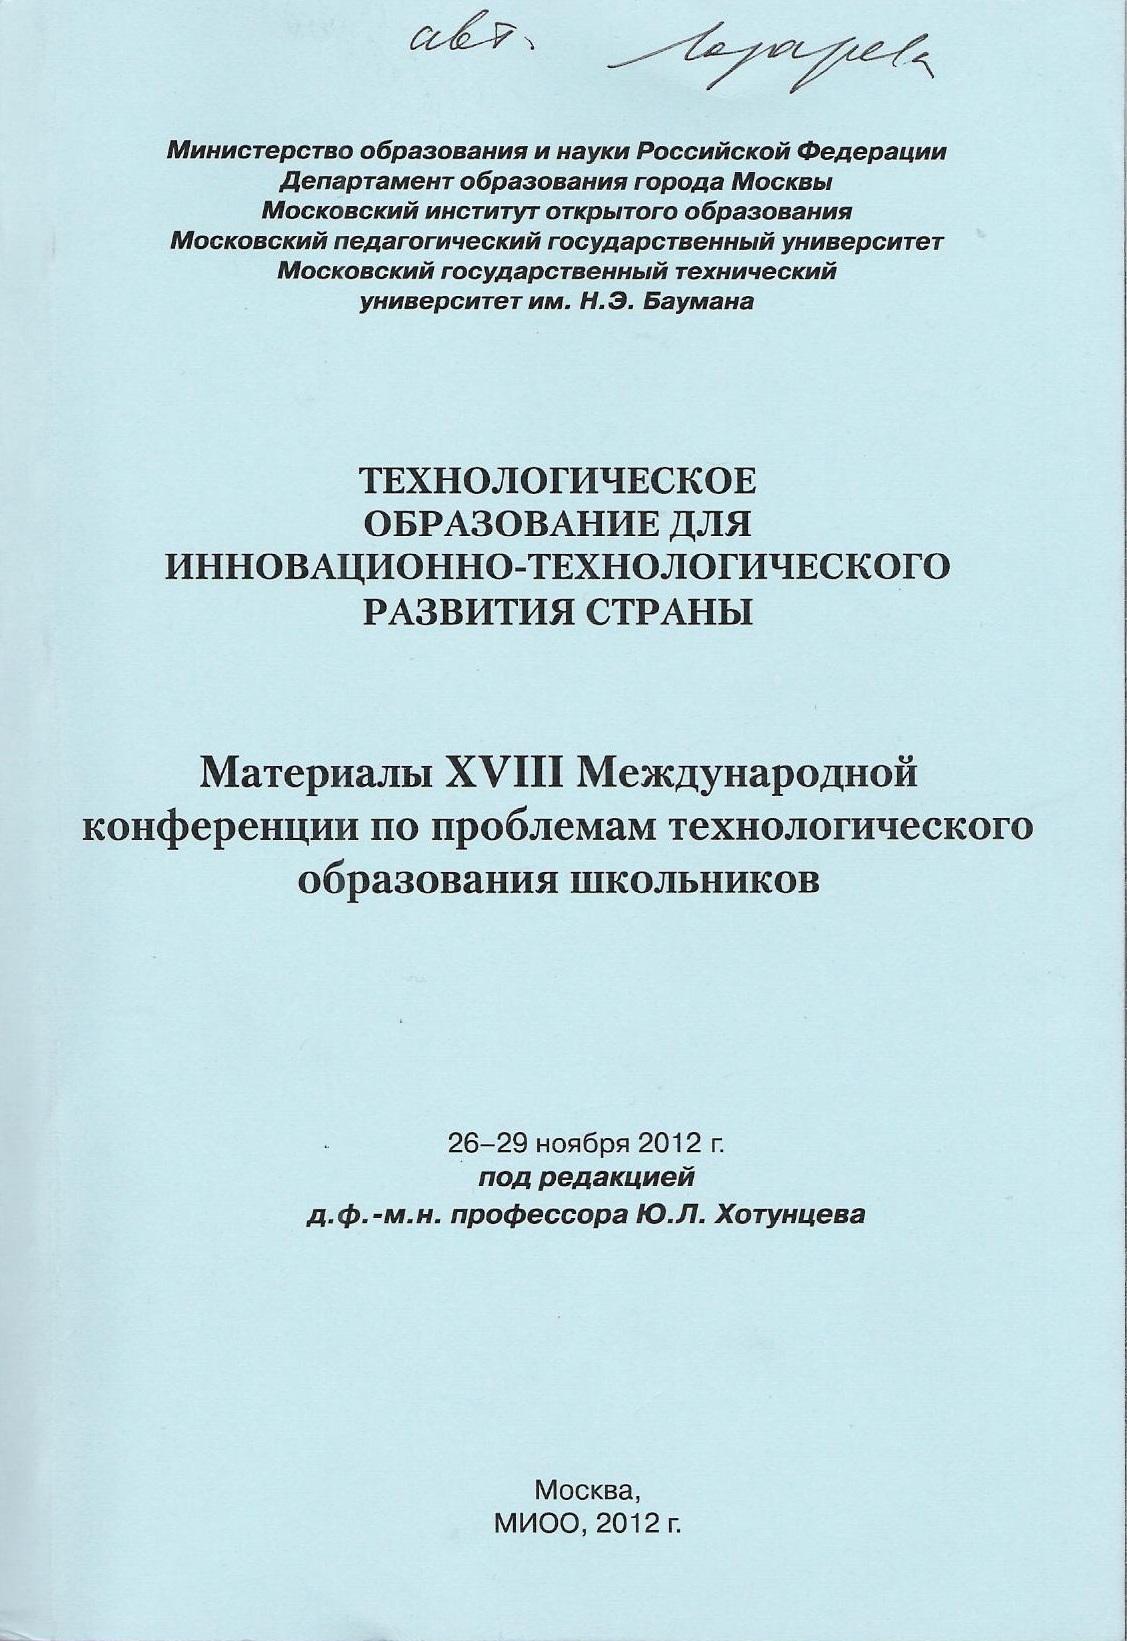 Технологическое образование для инновационно-технологического развития страны.